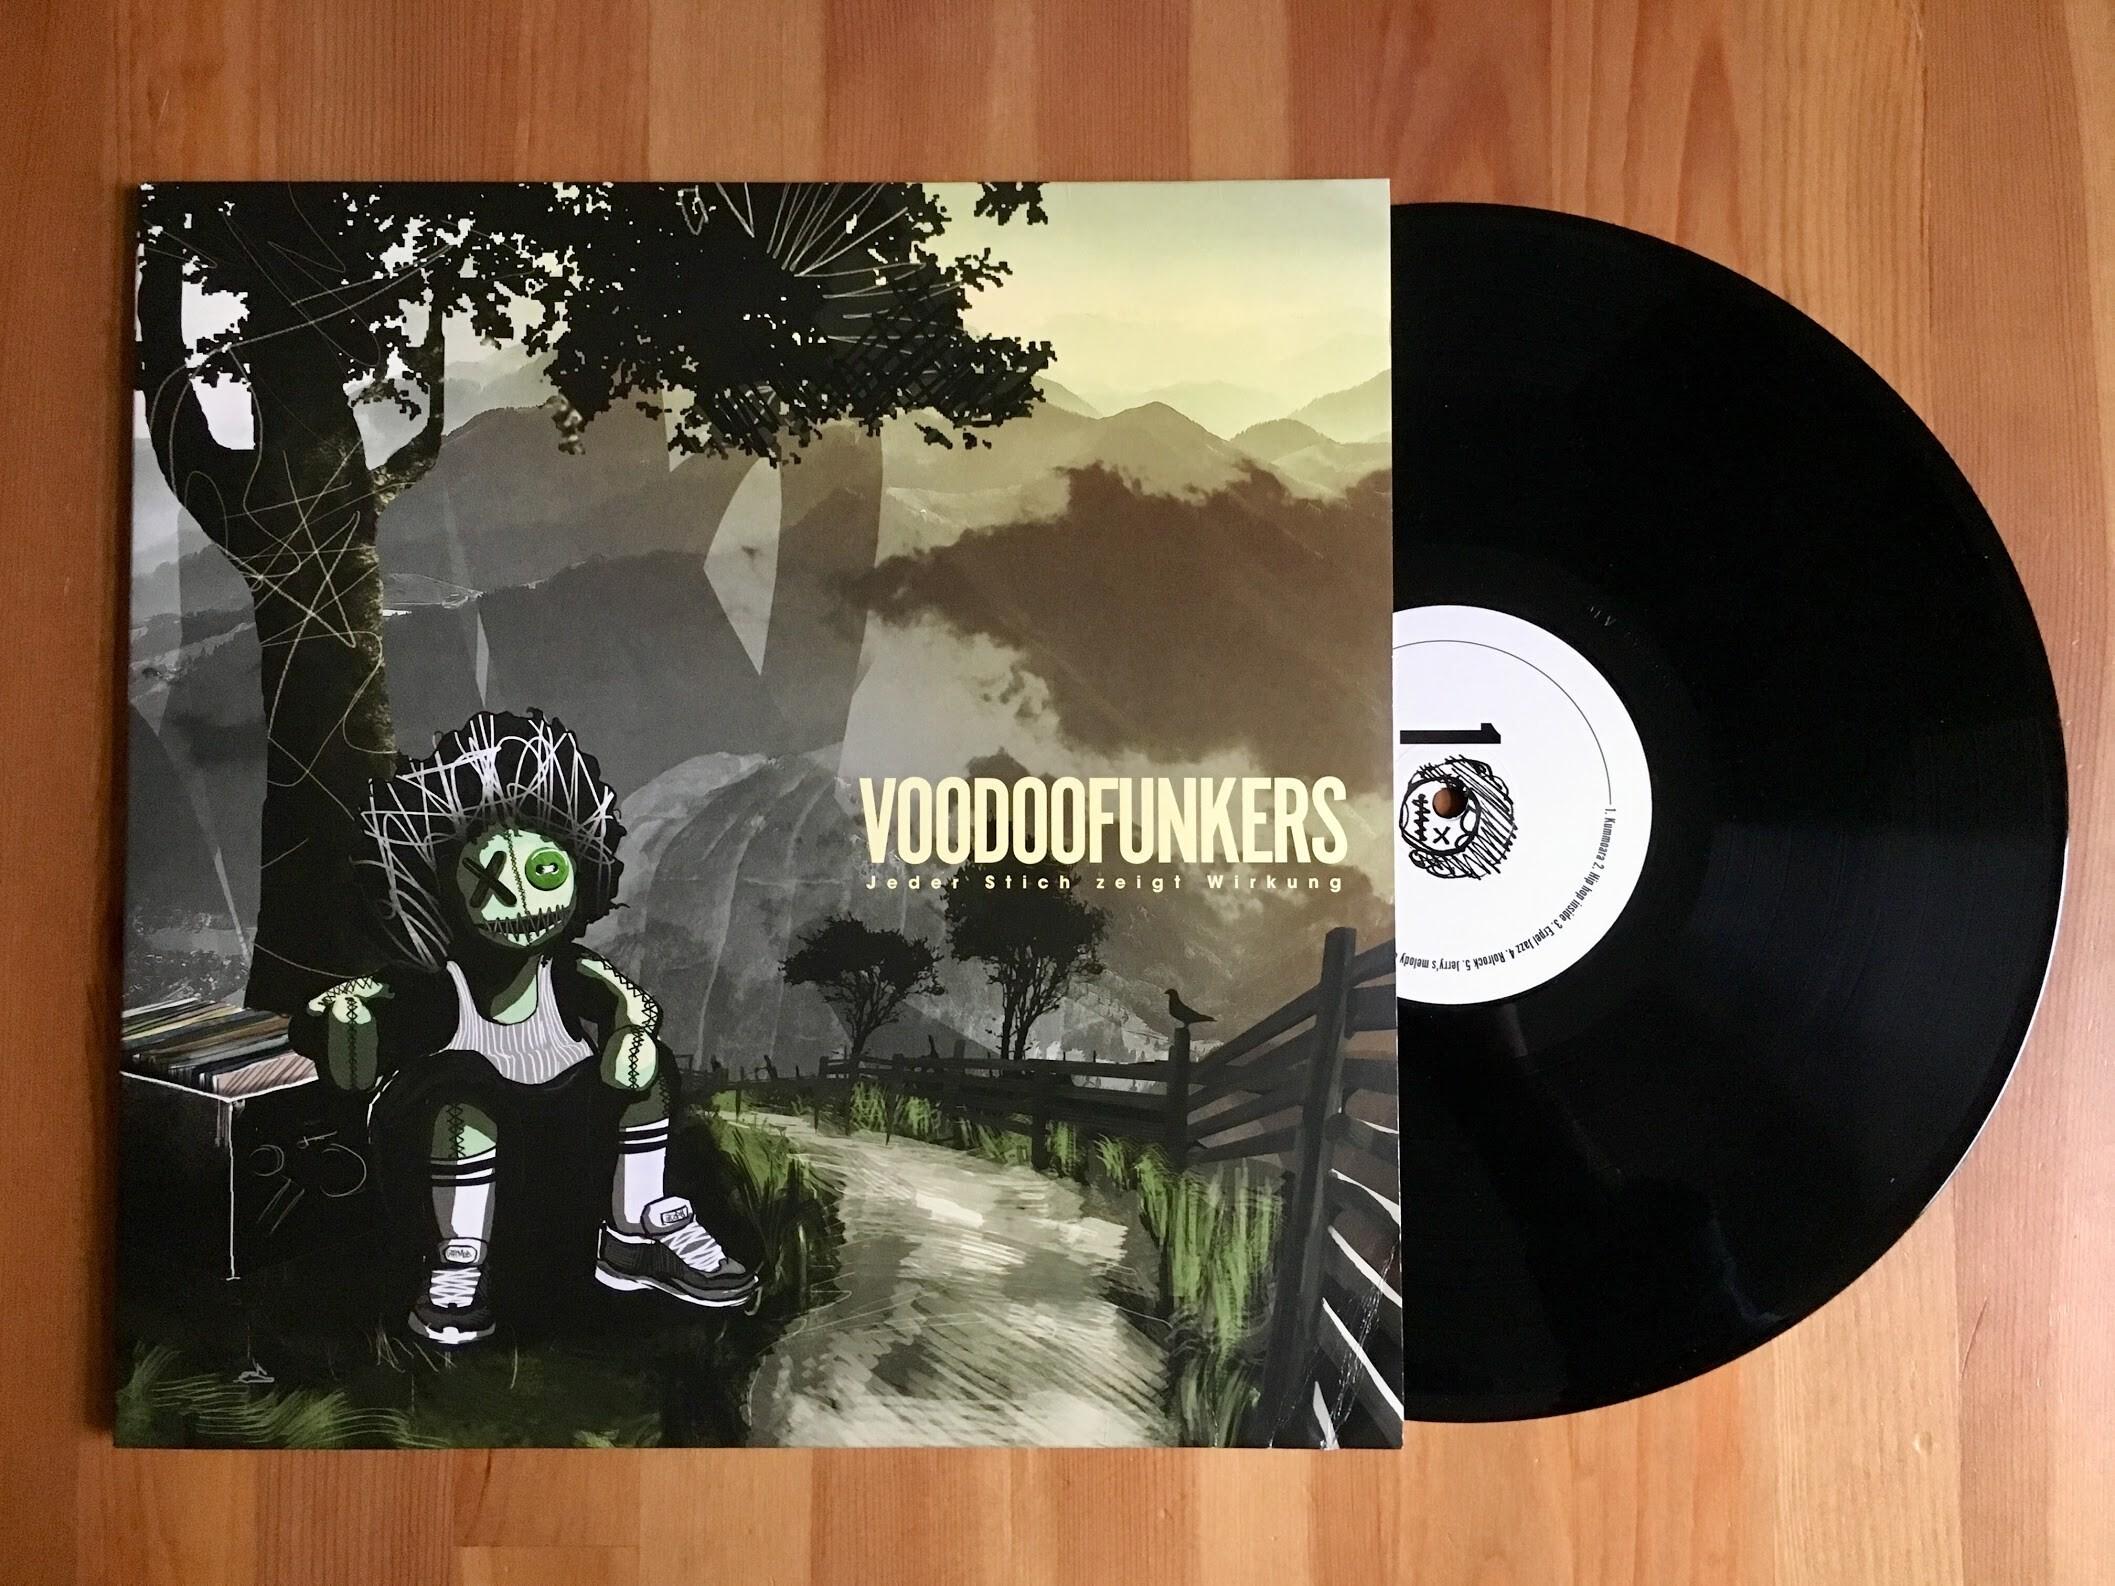 Voodoofunkers - Jeder Stich Zeigt Wirkung